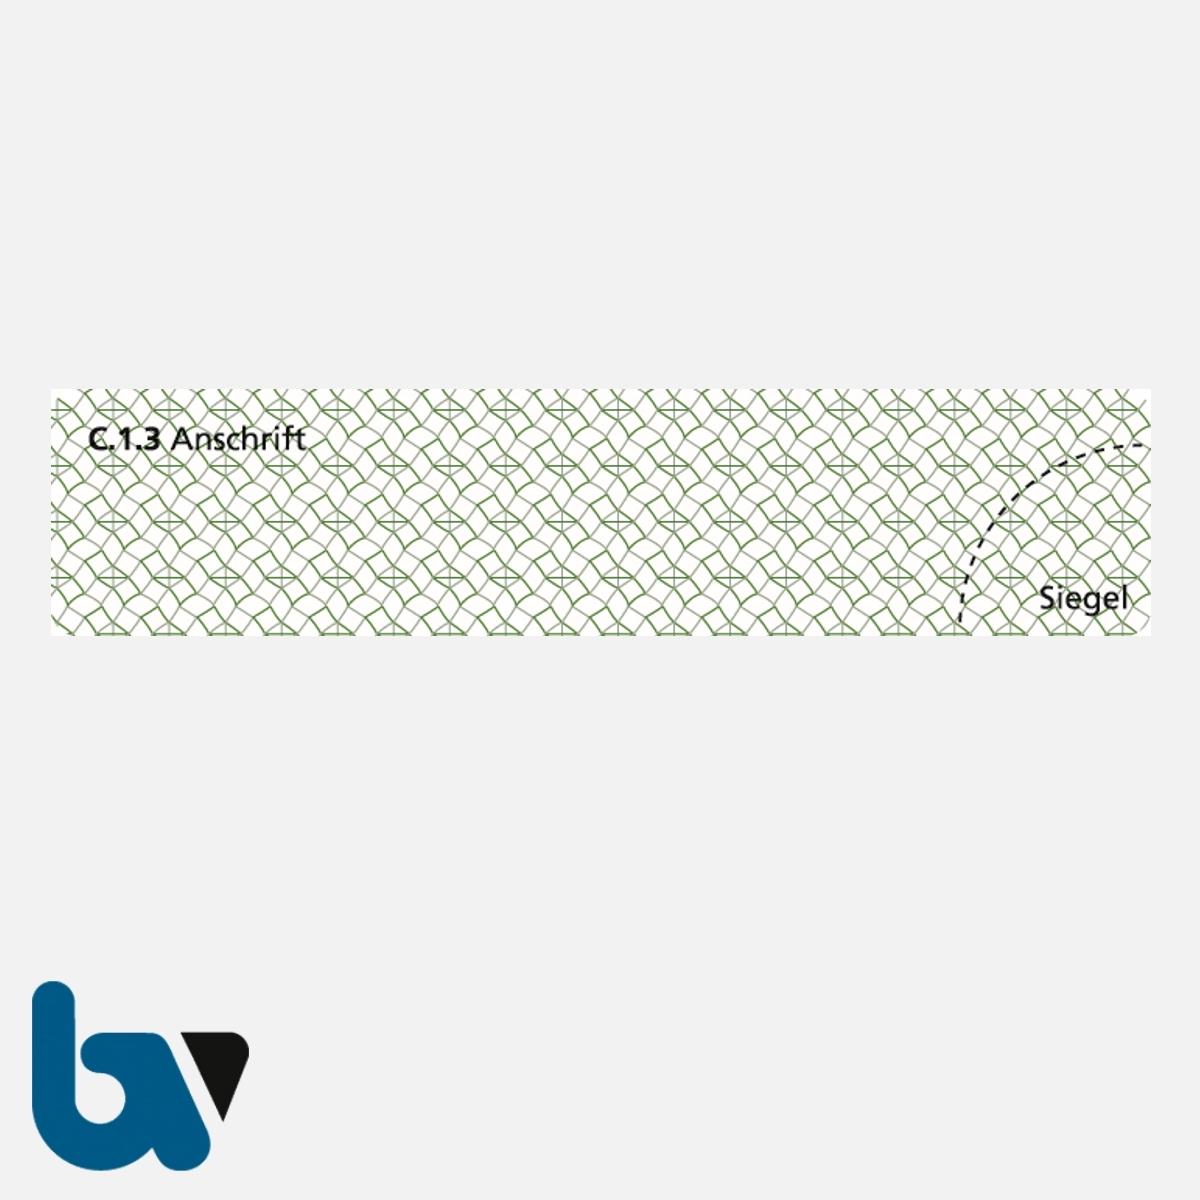 404 Adressaufkleber Anschriftenänderung Zulassungsbescheinigung Teil 1 | Borgard Verlag GmbH